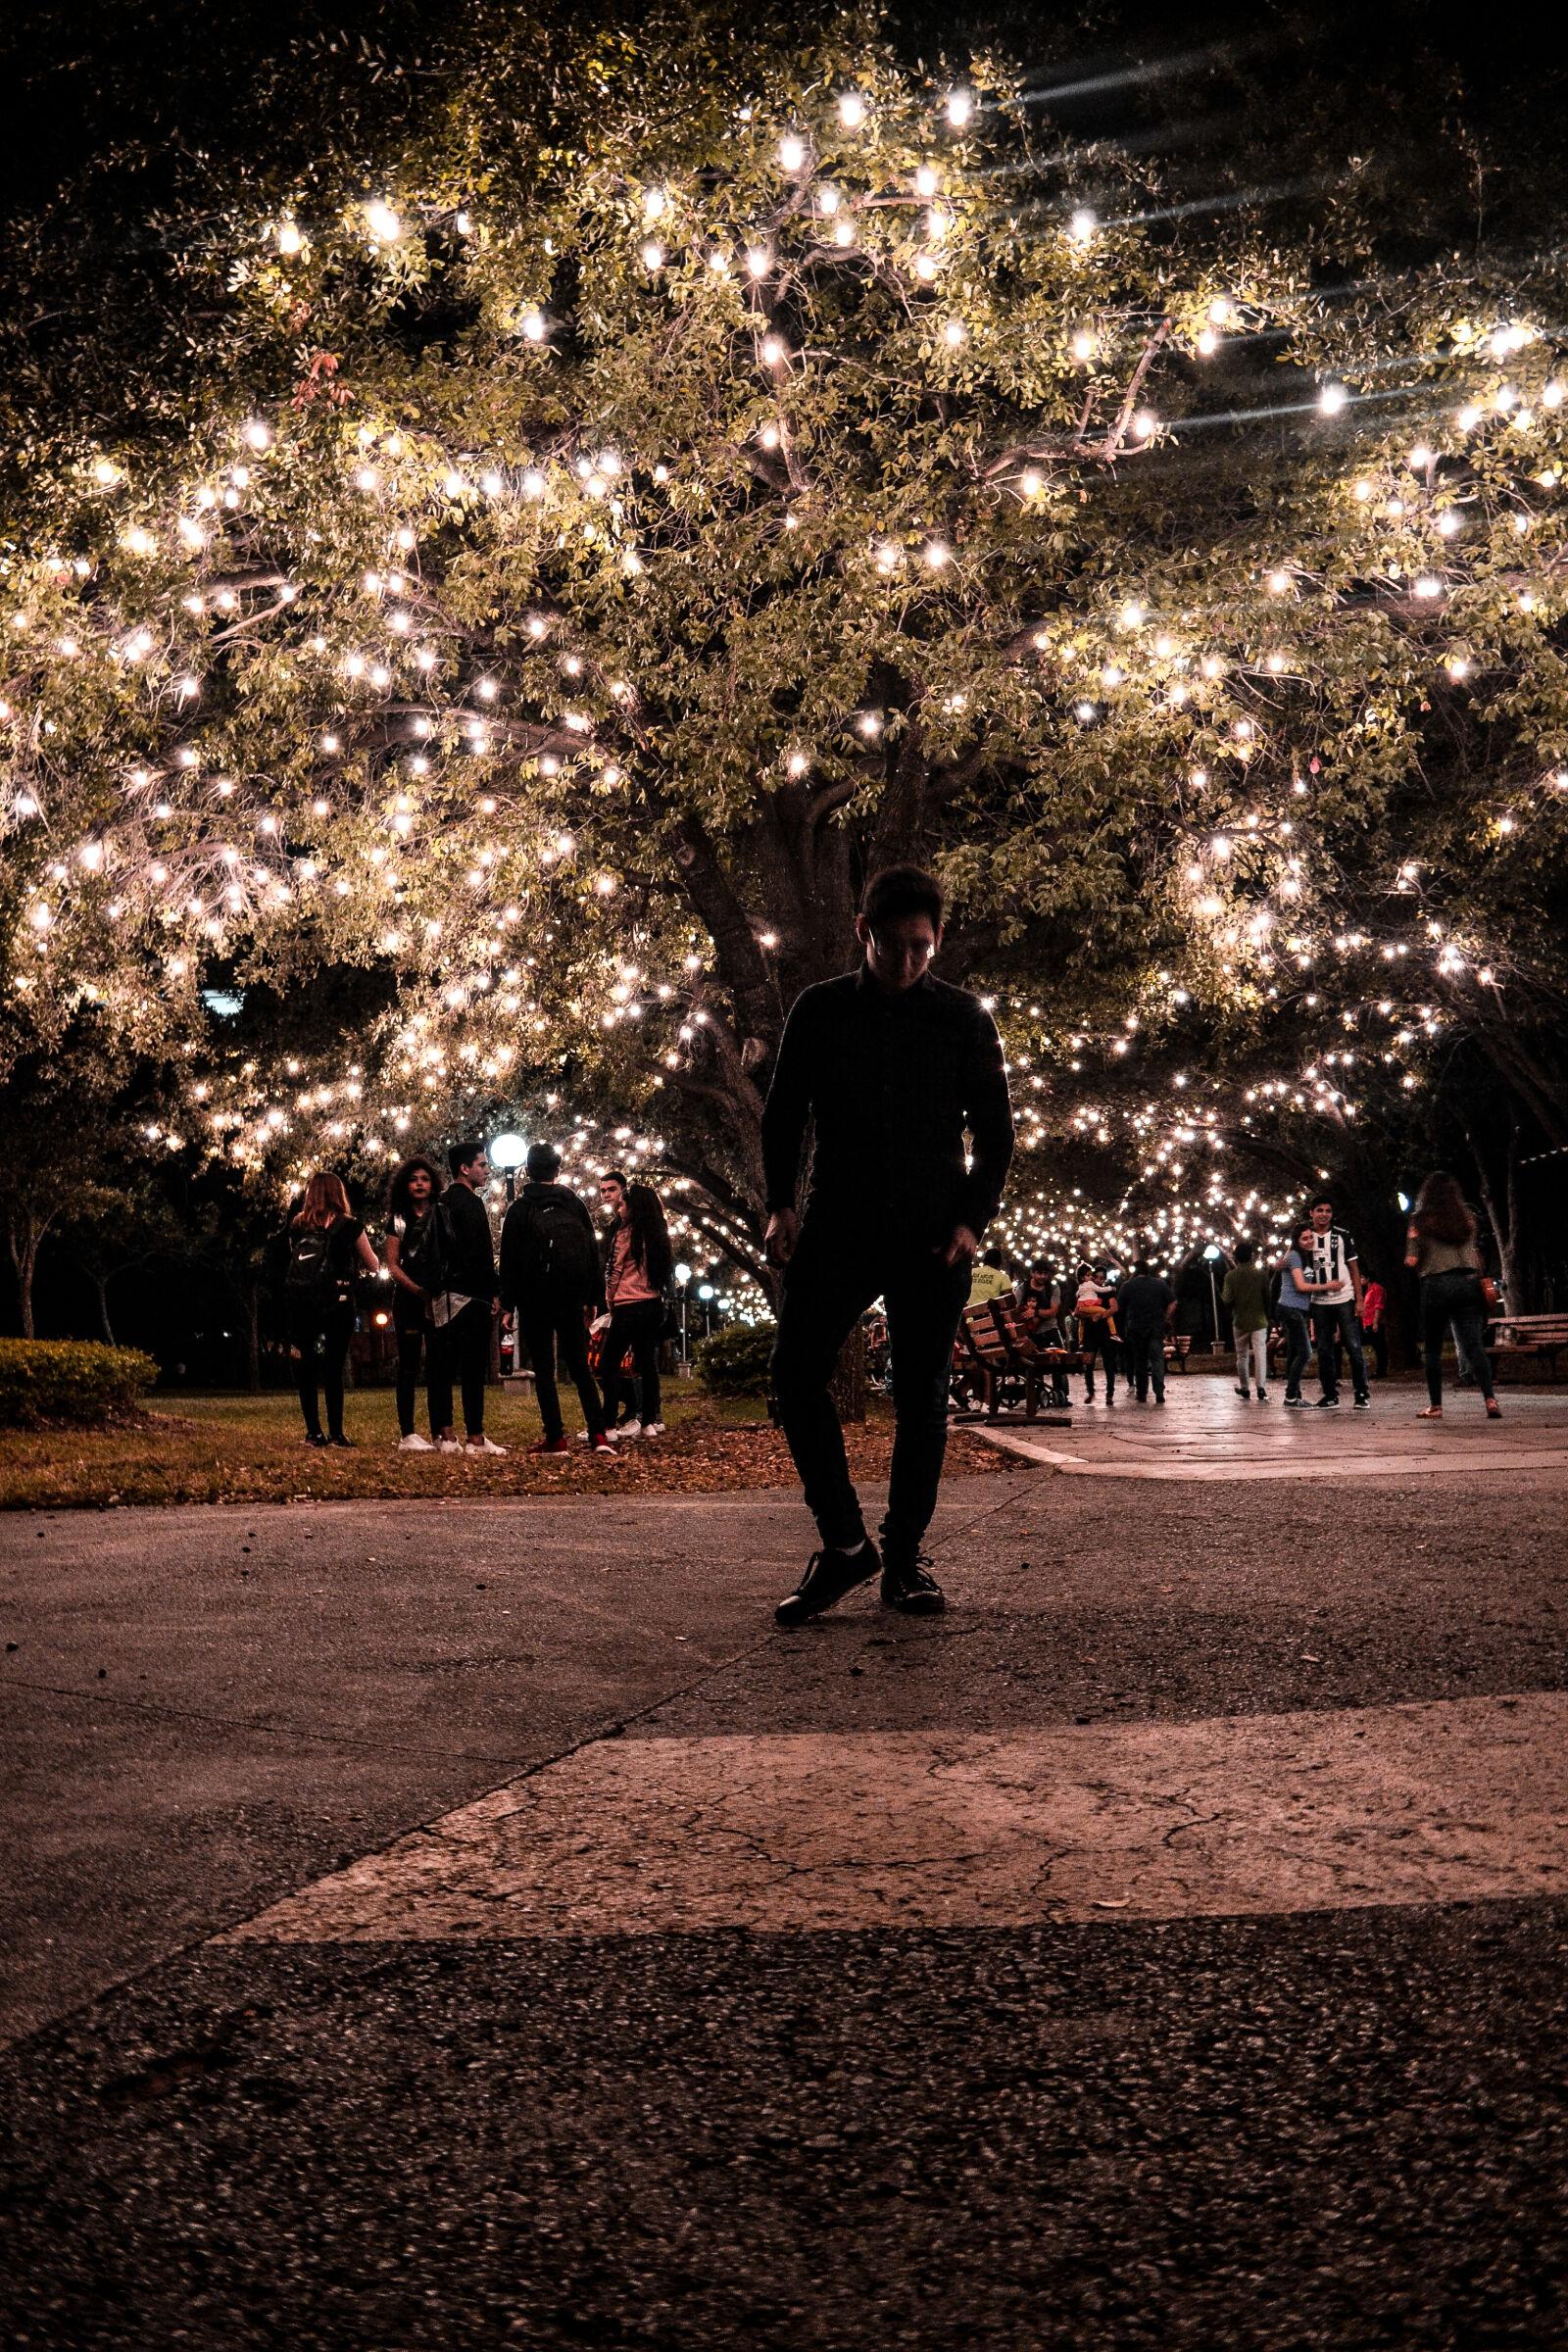 """Nikon D3100 sample photo. """"Diartob, lights, man, night"""" photography"""